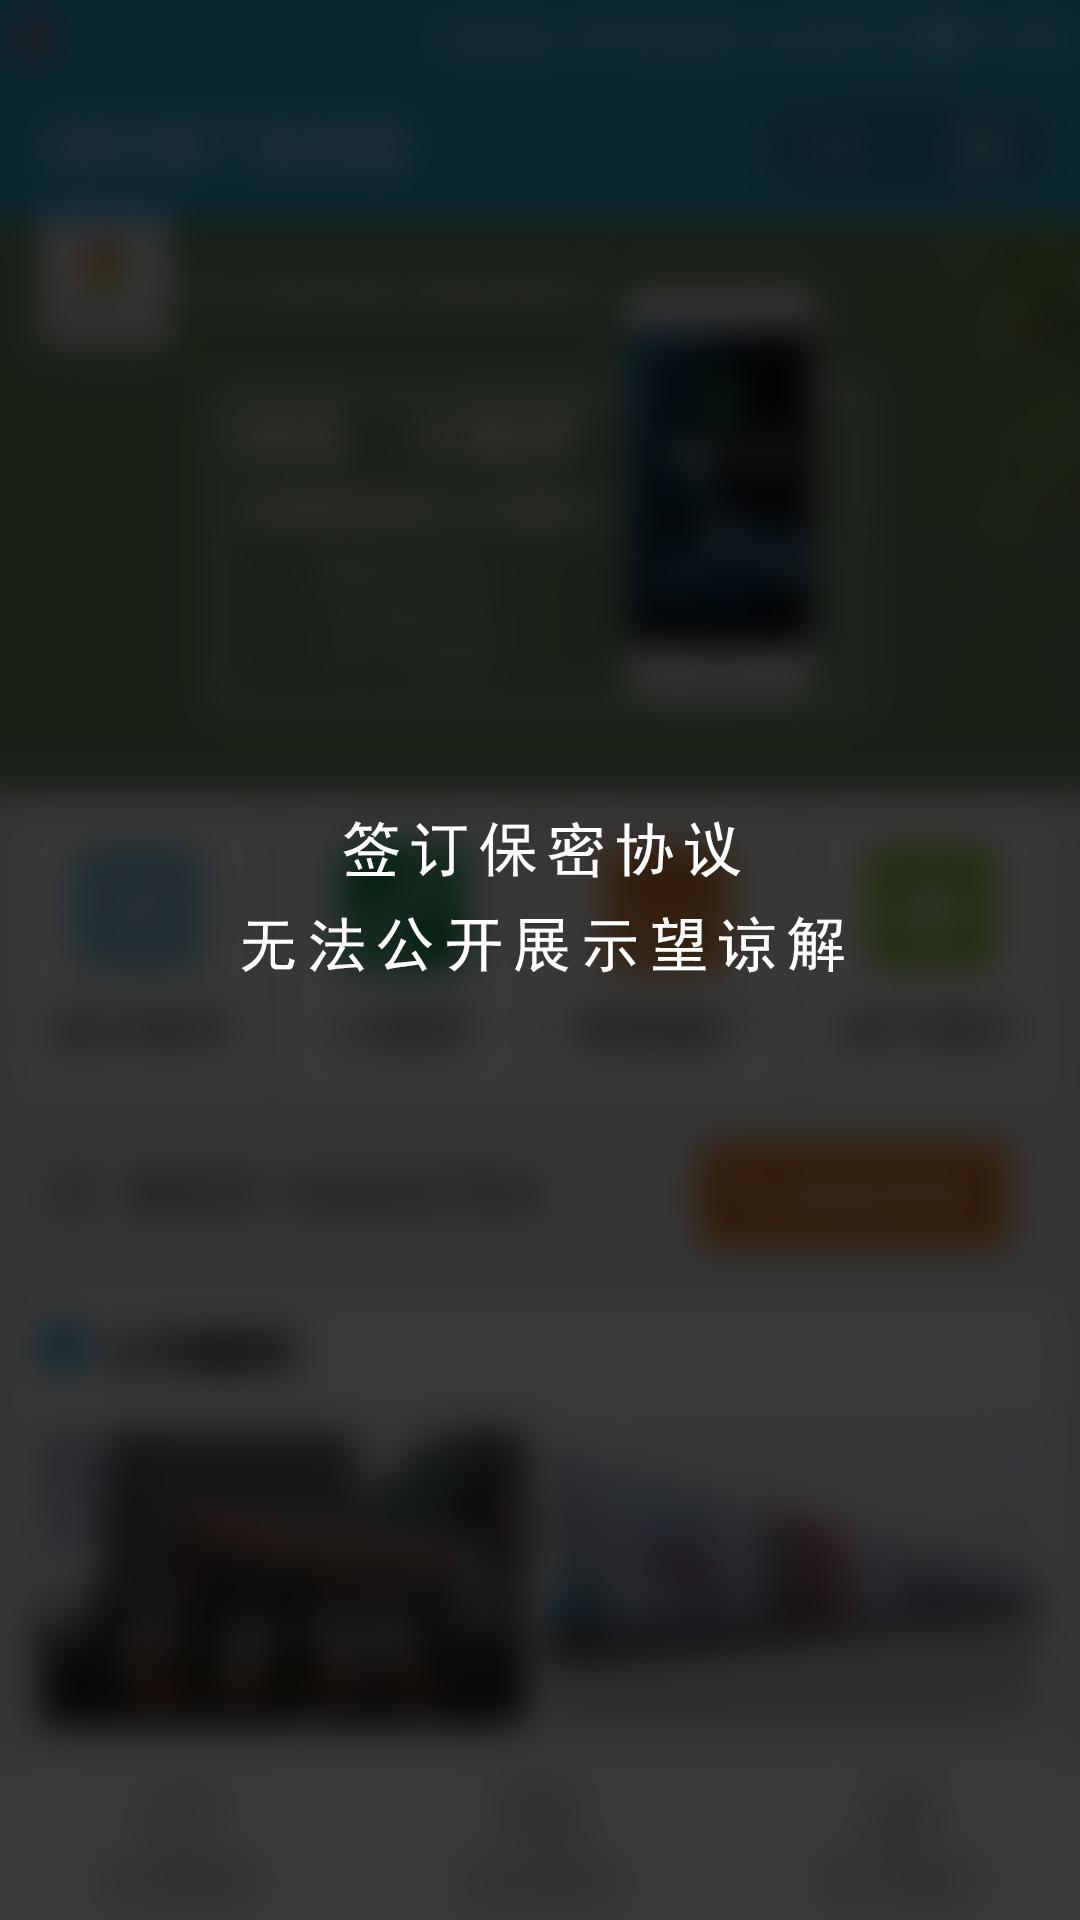 小程序开发-成都金叶草广告传媒小程序